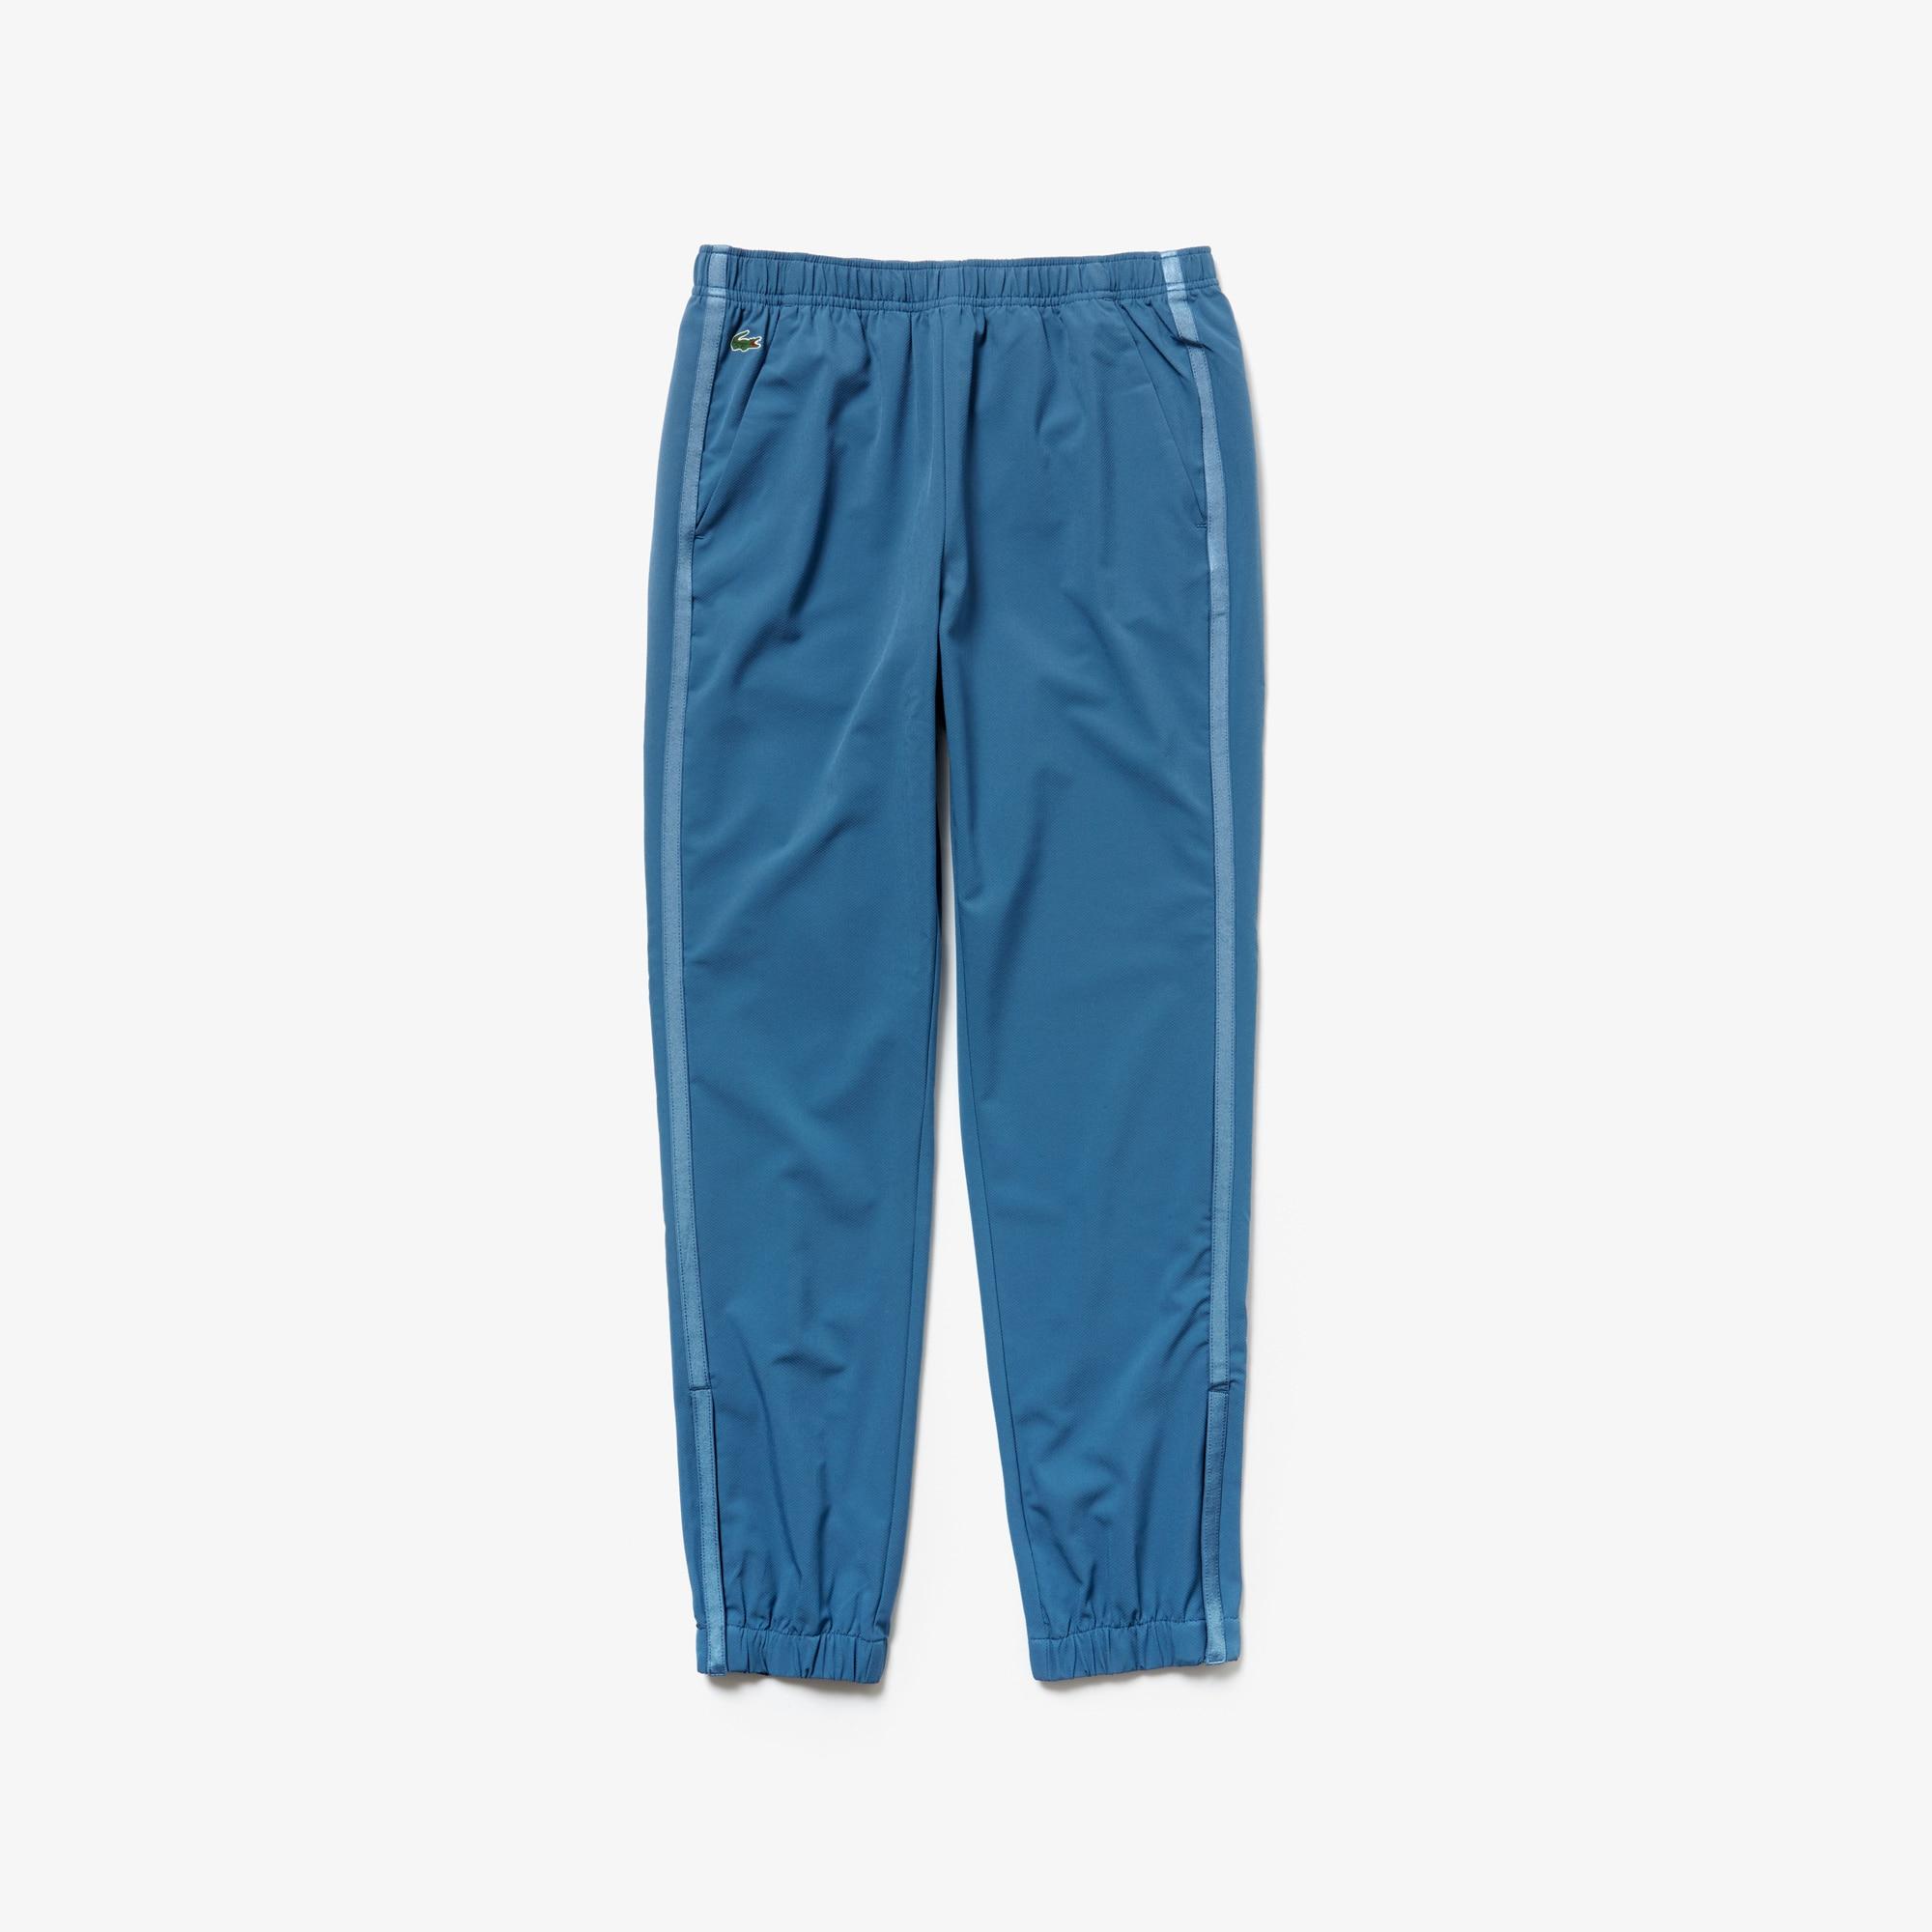 라코스테 방수 테니스 스웻 팬츠 Lacoste Womens SPORT Water-Resistant Tennis Sweatpants,Blue / Blue